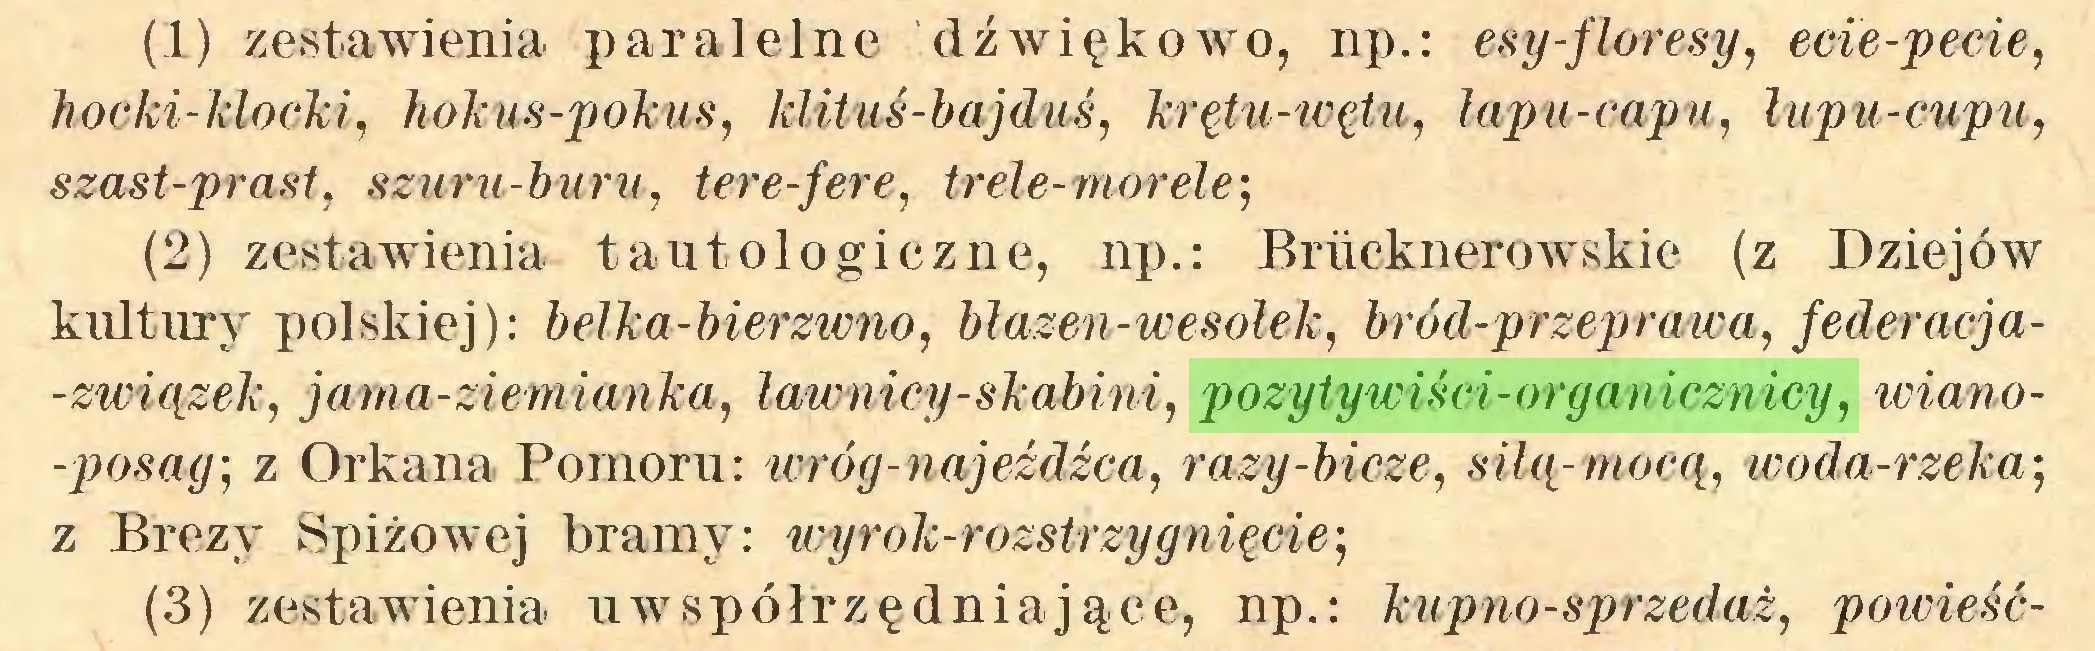 (...) (1) zestawienia paralelne dźwiękowo, np.: esy-floresy, ecie-pecie, hocki-klocki, hokus-pokus, klituś-bajduś, krętu-wętu, lapu-capu, łupu-cupu, szast-prast, szuru-buru, tere-fere, trele-mor ele-, (2) zestawienia tautologiczne, np.: Brńcknerowskie (z Dziejów kultury polskiej): belka-bierzwno, blazen-wesolek, bród-przeprawa, federacja-związek, jaína-ziemianka, ławnicy-skabini, pozytywiści-organicznicy, wiano-posag-, z Orkana Pomoru: wróg-najeźdźca, razy-bicze, silą-mocą, woda-rzeka; z Brezy Spiżowej bramy: wyrok-rozstrzygniecie-, (3) zestawienia uwspółrzędniające, np.: kupno-sprzedaż, powieść...